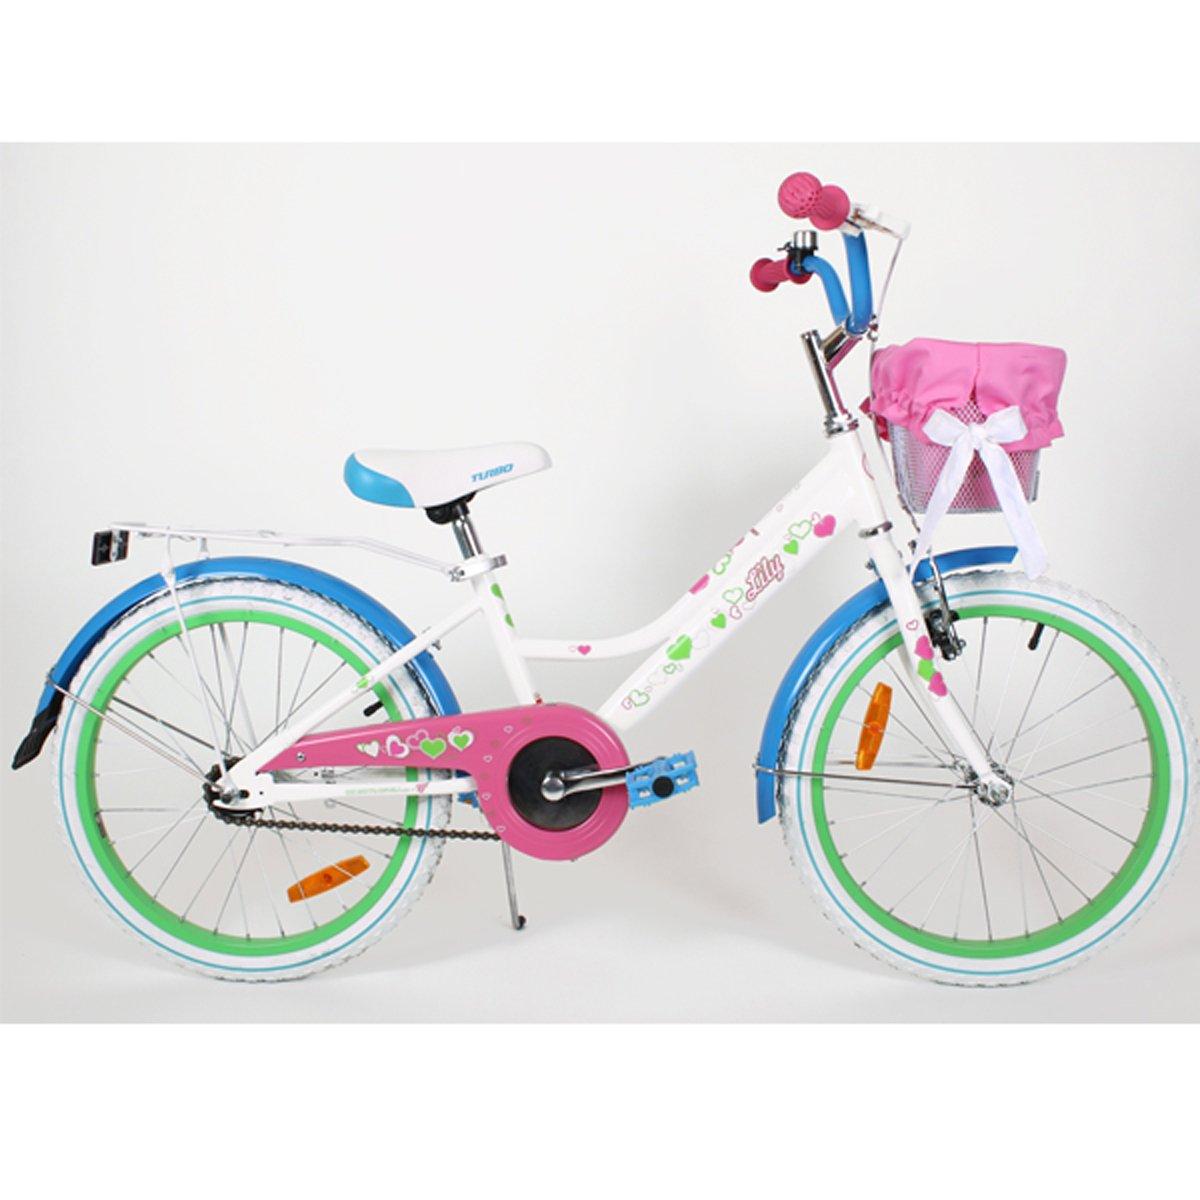 """20LILY-BLU Kinderfahrrad 20"""" Zoll Kinderrad Rad Bike Fahrrad Spielrad"""